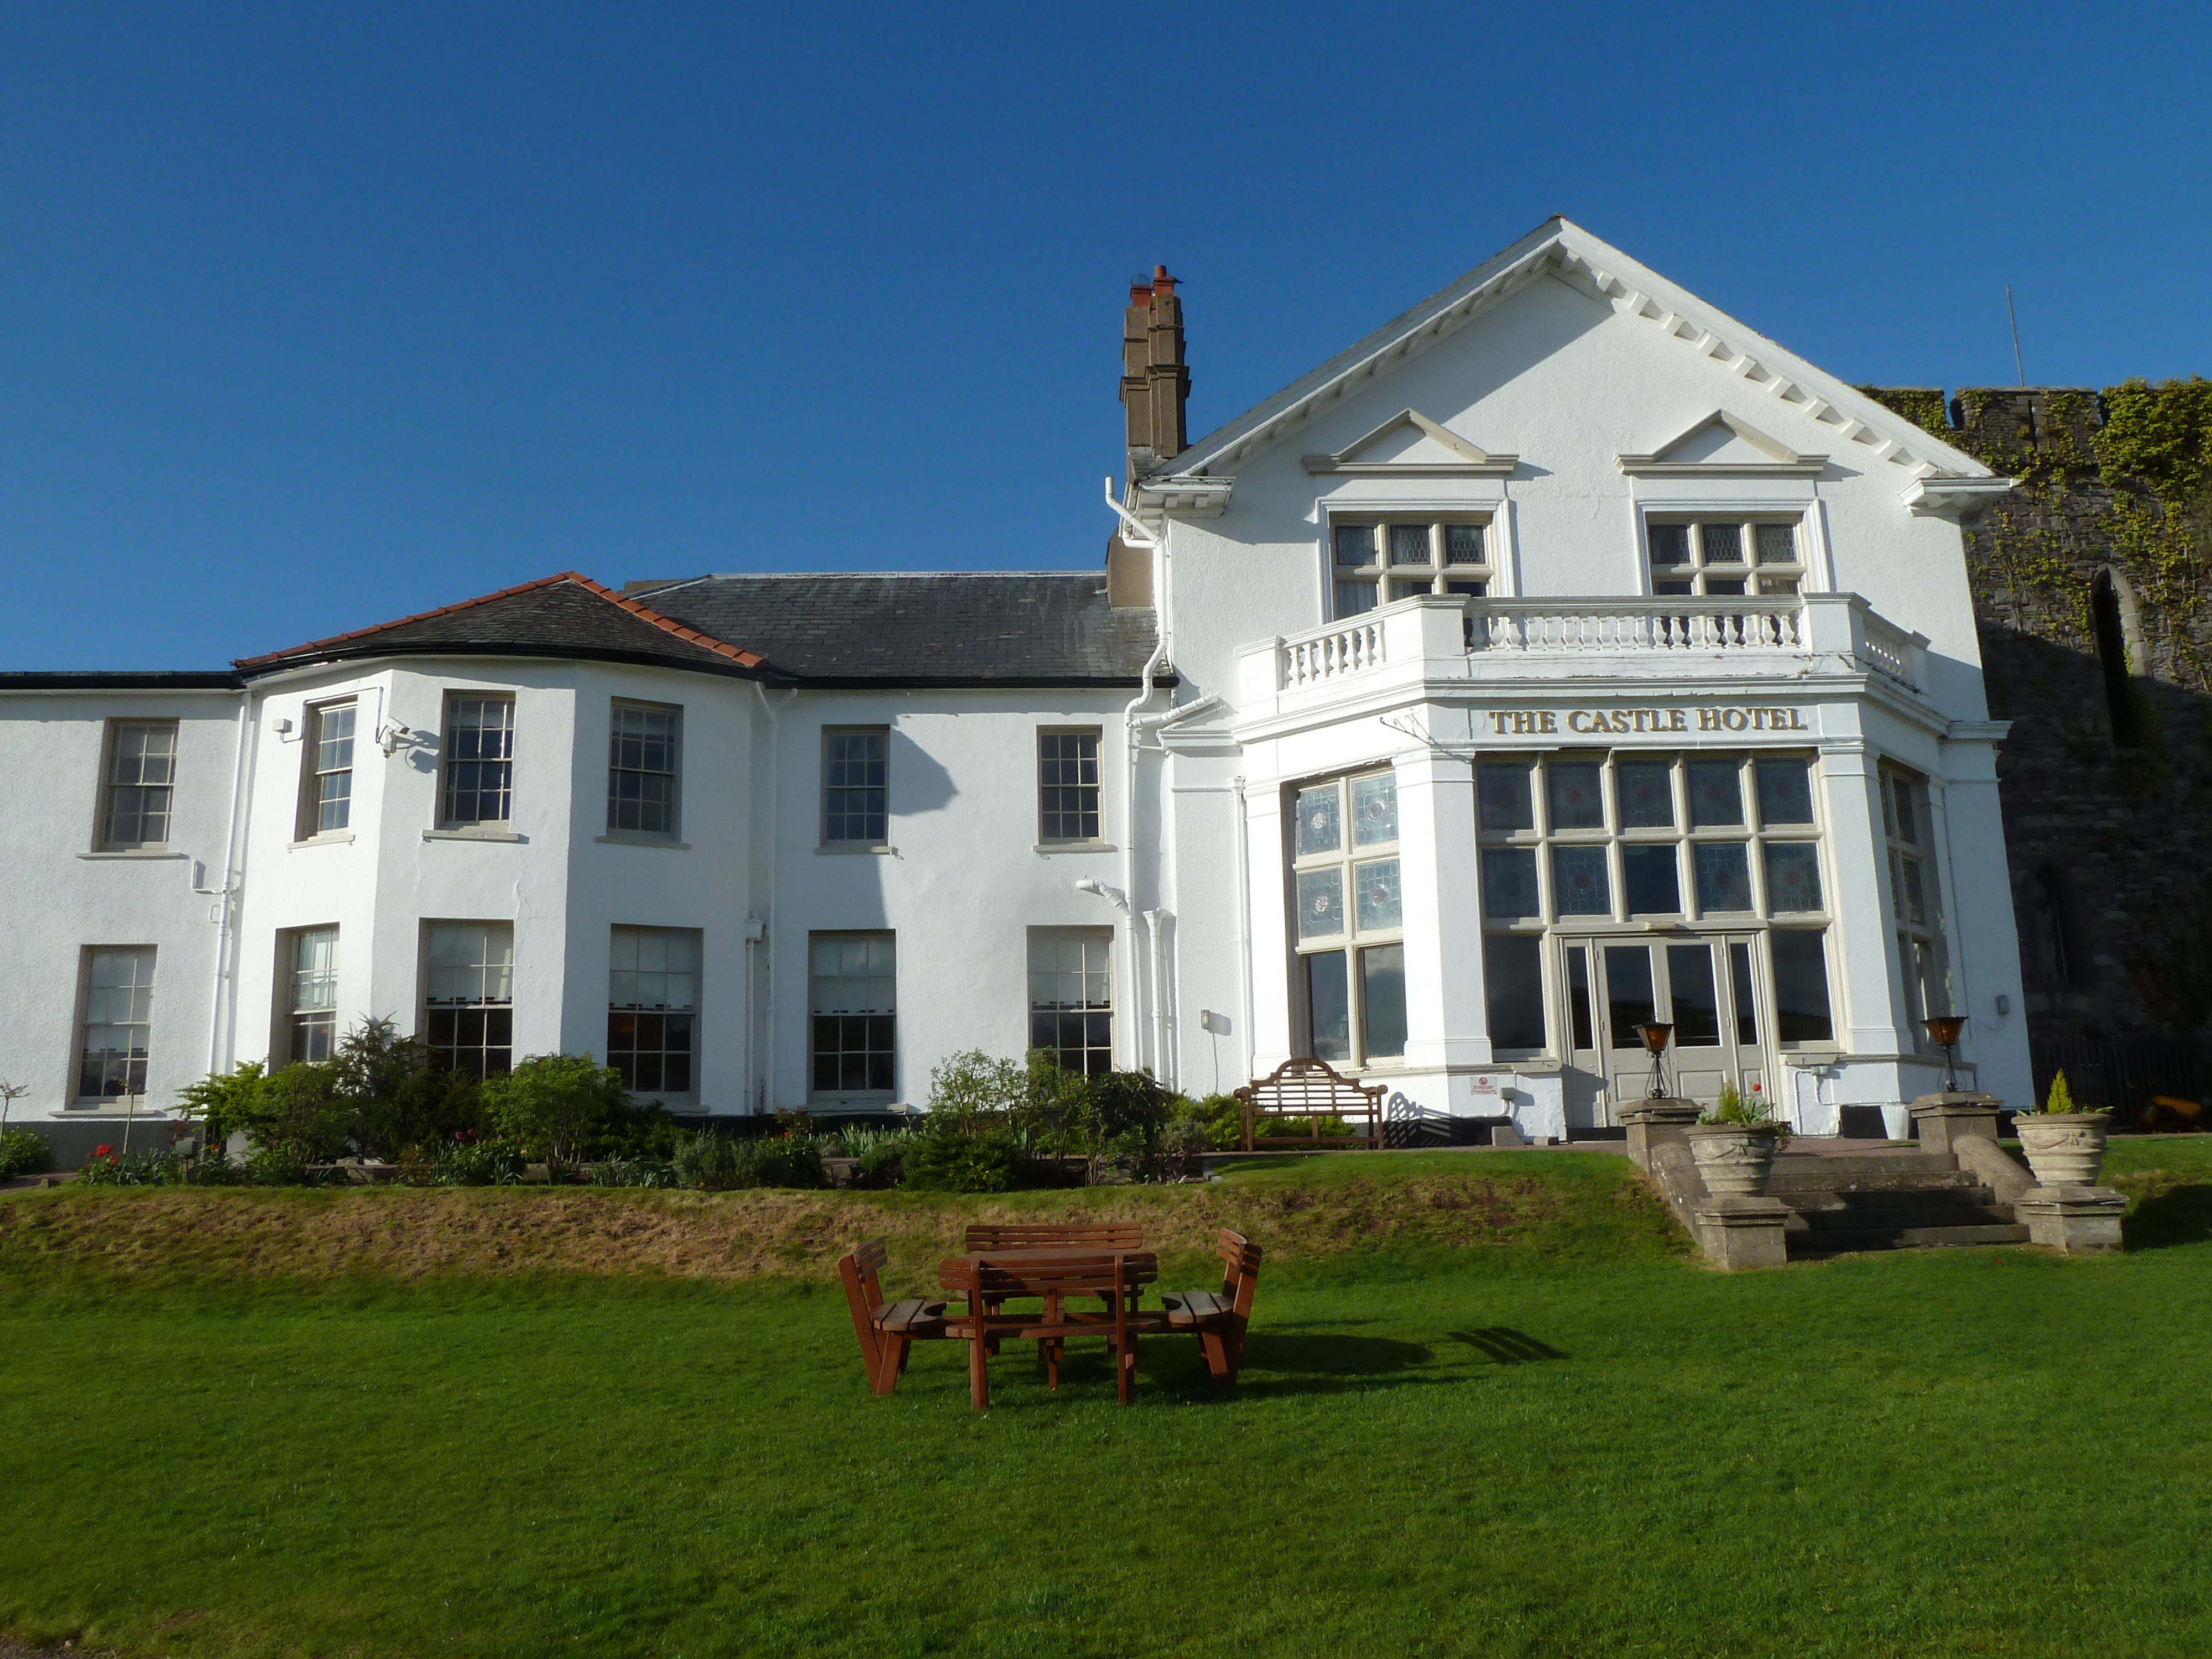 Brecon Castle Hotel Tripadvisor